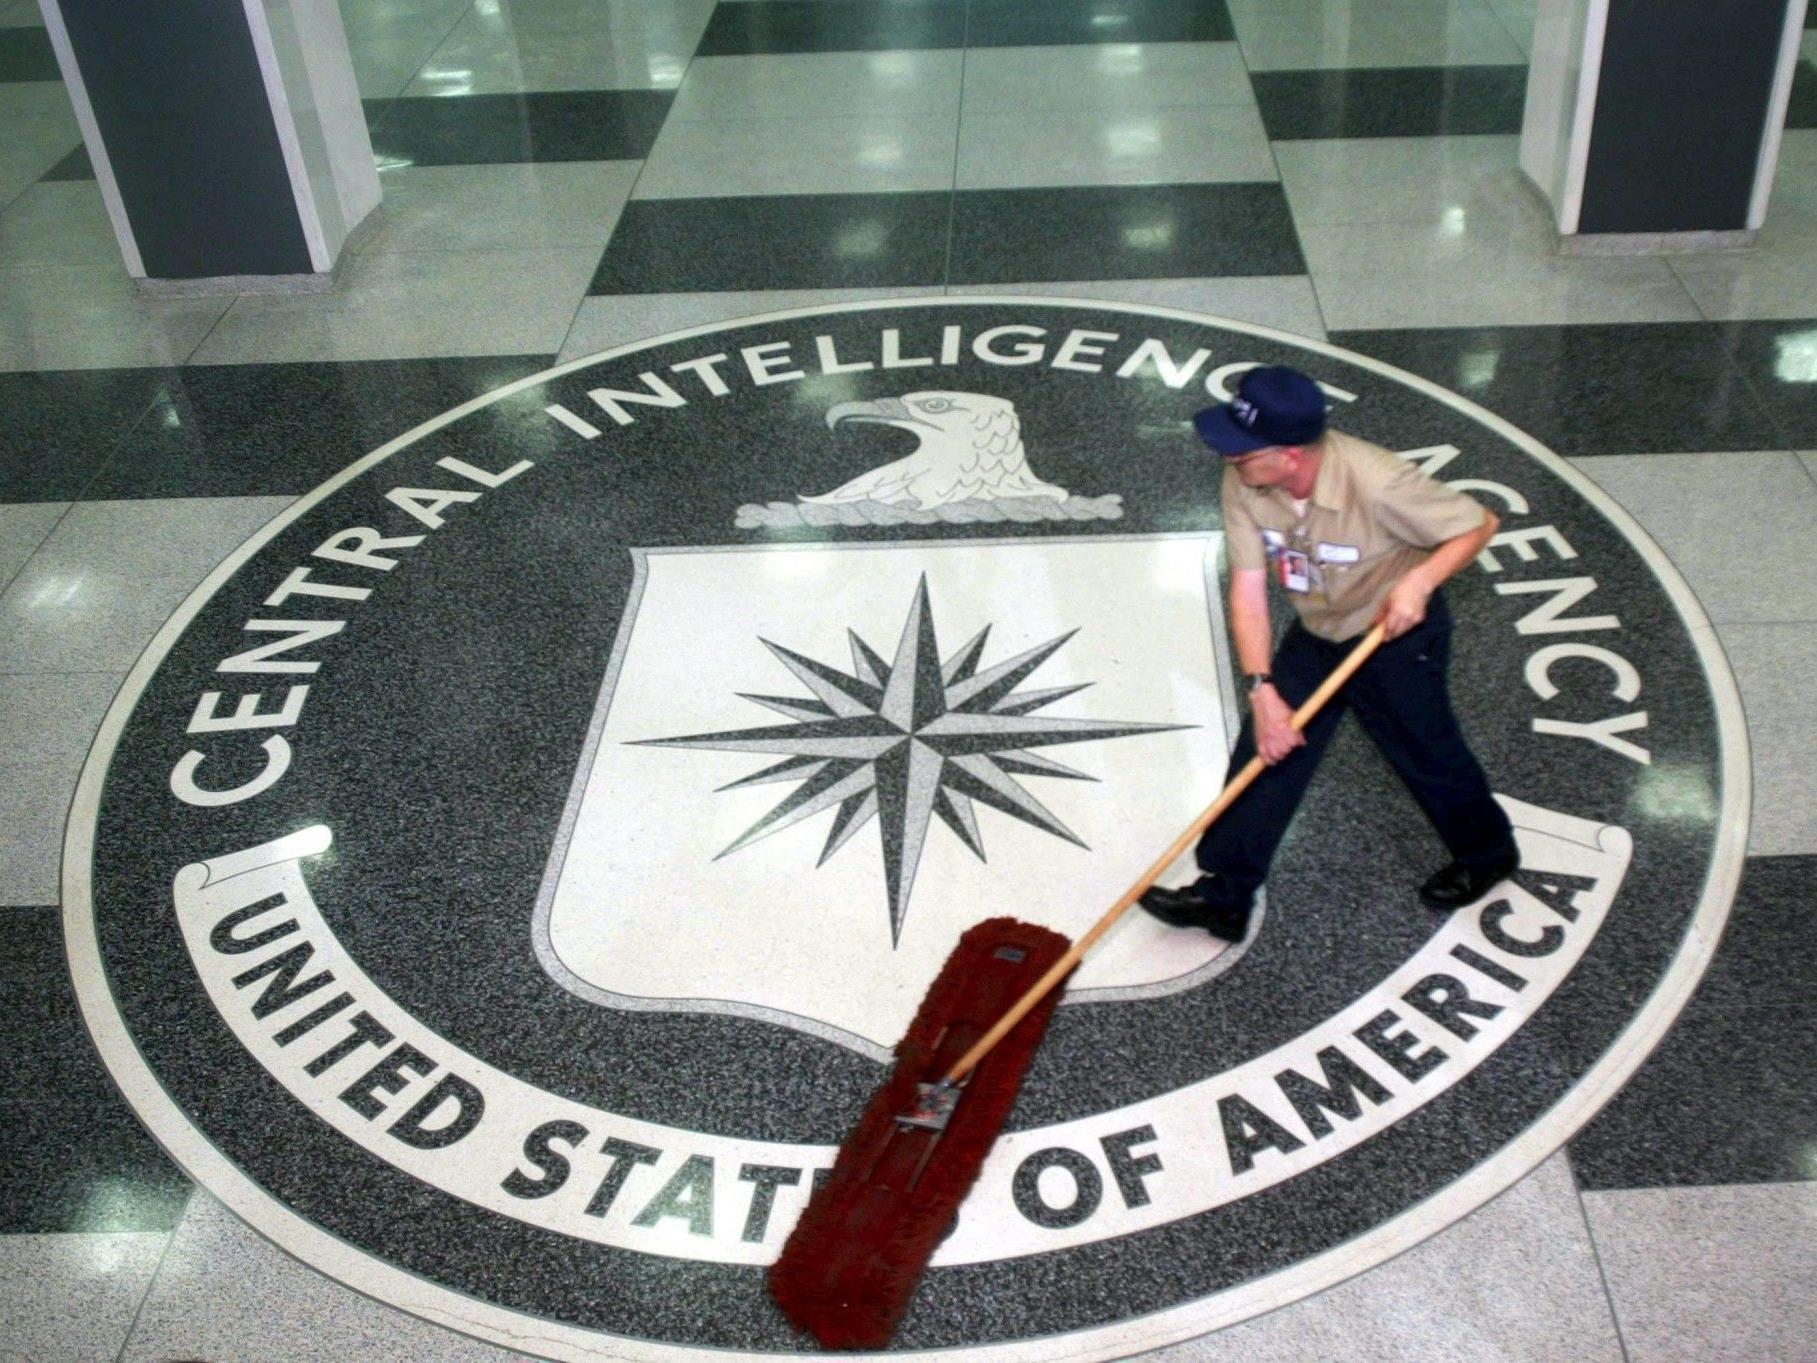 Neues Netzwerk von ähnlichem Umfang wie das der CIA geplant.